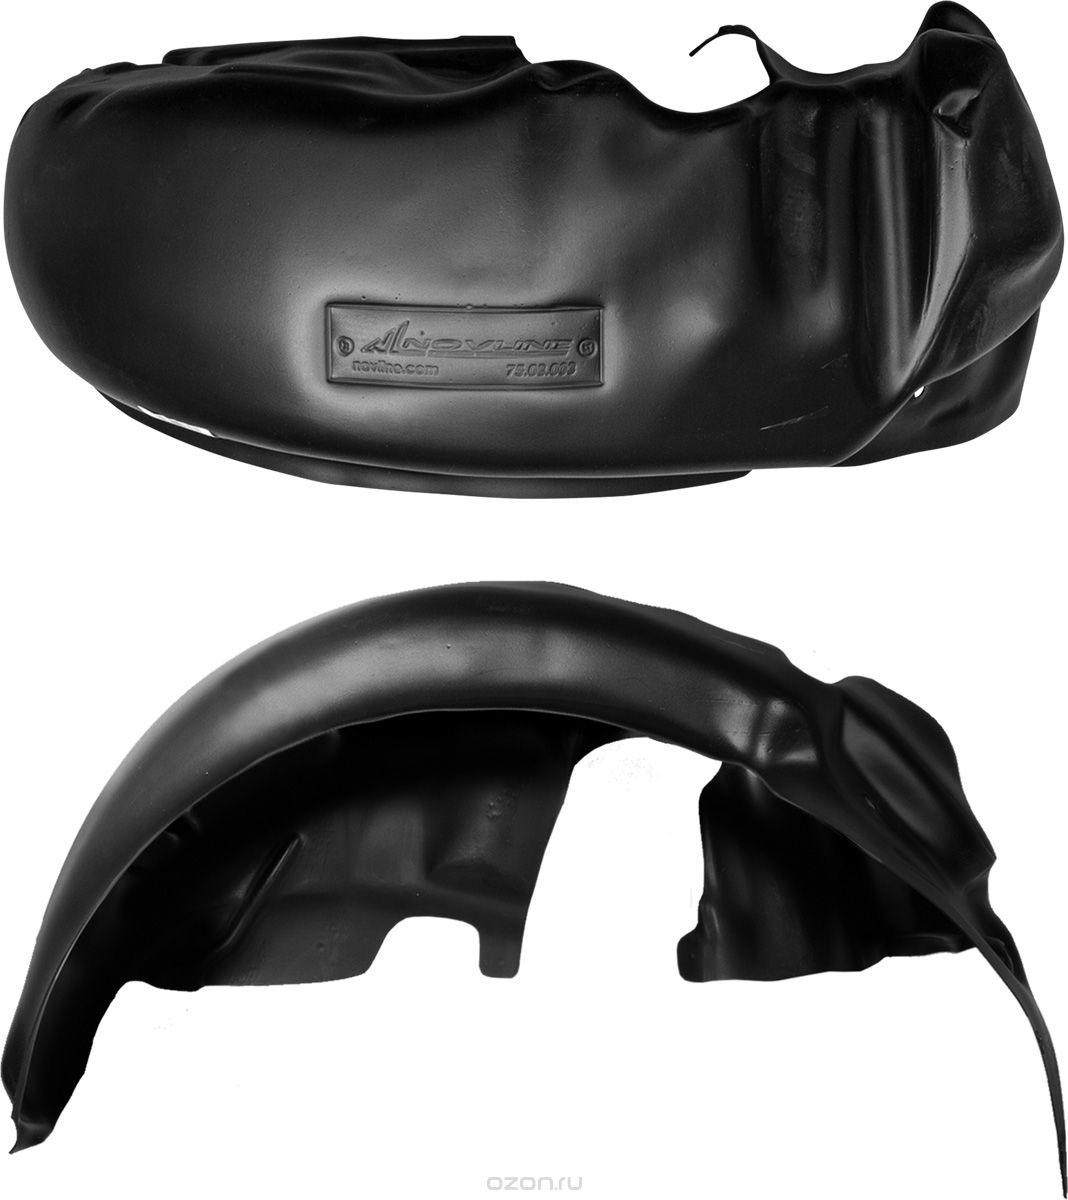 Подкрылок Novline-Autofamily, для Toyota Land Cruiser Prado, 01/2003-2009, передний левыйNLL.48.01.001Идеальная защита колесной ниши. Локеры разработаны с применением цифровых технологий, гарантируют максимальную повторяемость поверхности арки. Изделия устанавливаются без нарушения лакокрасочного покрытия автомобиля, каждый подкрылок комплектуется крепежом. Уважаемые клиенты, обращаем ваше внимание, что фотографии на подкрылки универсальные и не отражают реальную форму изделия. При этом само изделие идет точно под размер указанного автомобиля.